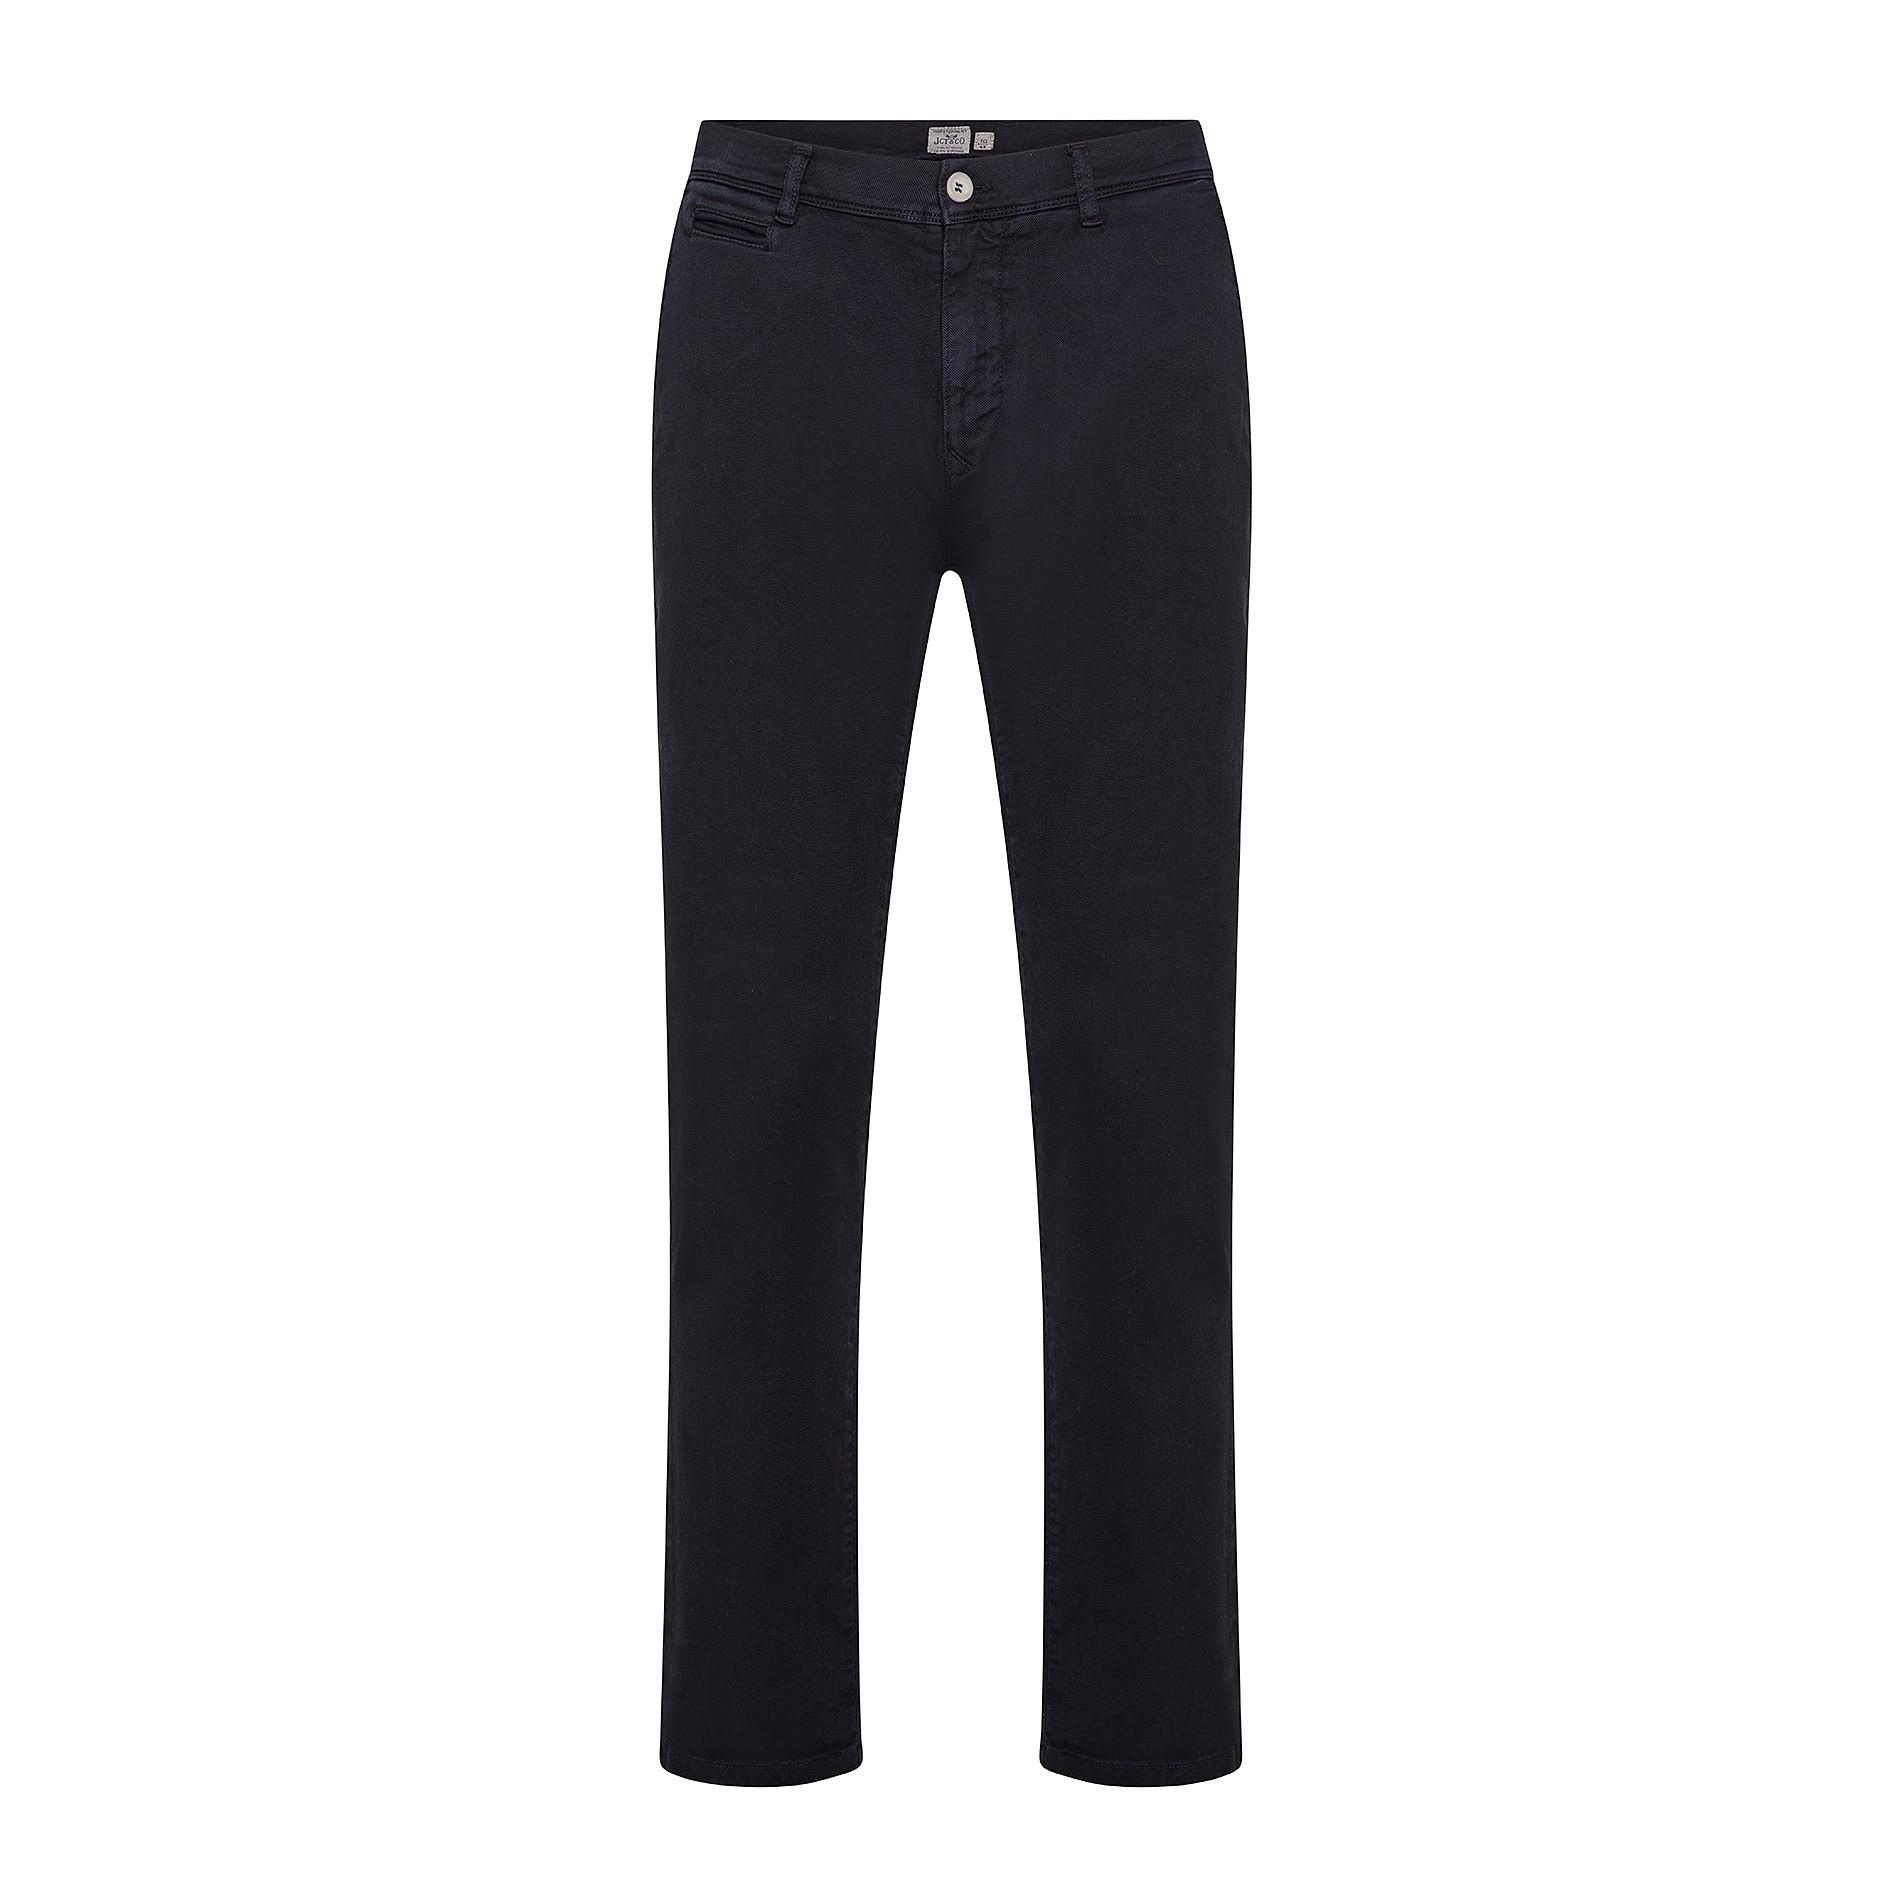 Pantalone chino gabardina stretch JCT, Blu, large image number 0